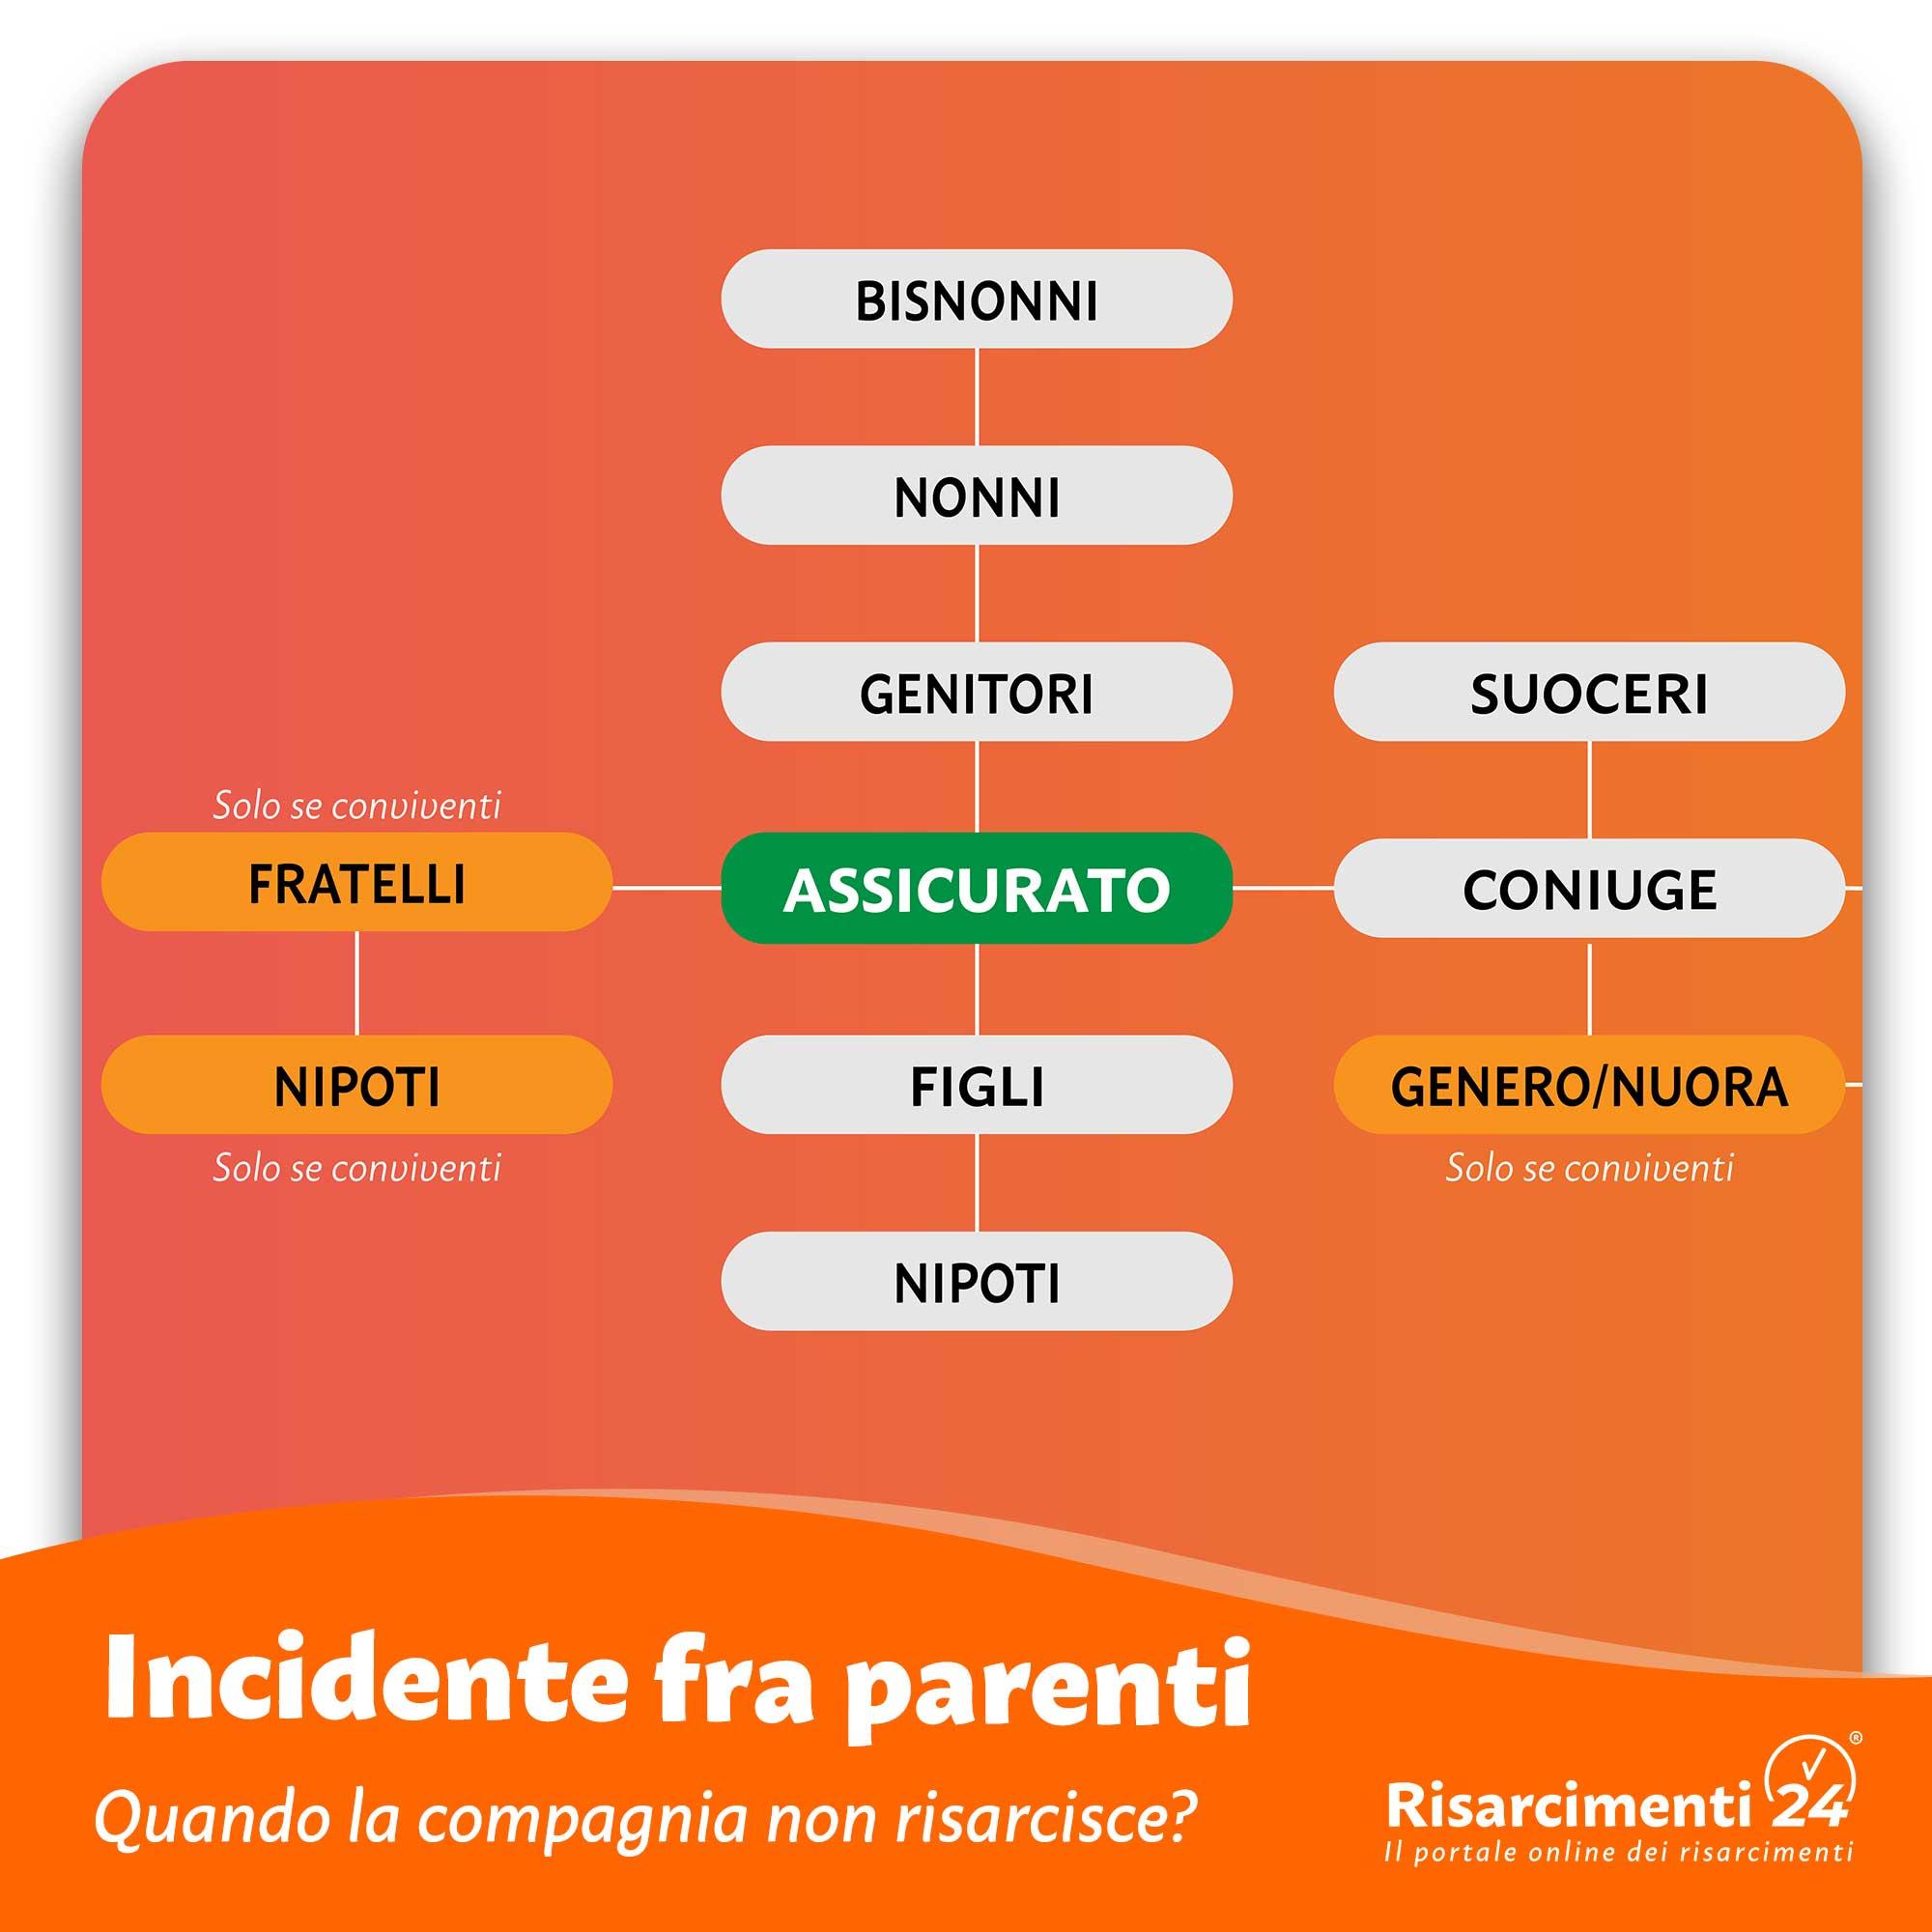 Incidente fra parenti